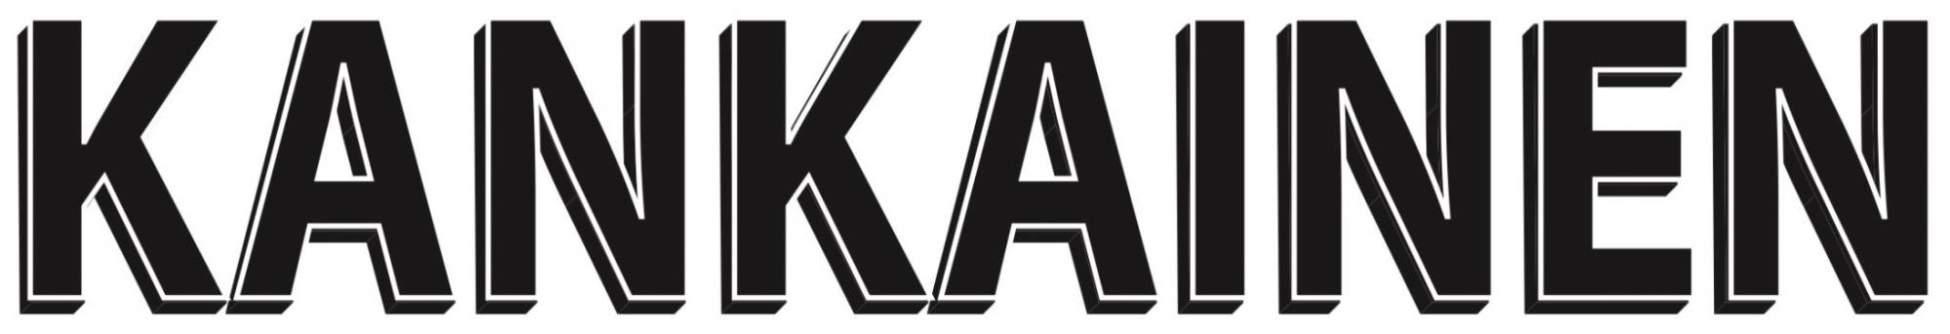 Forssan Kankainen -logo